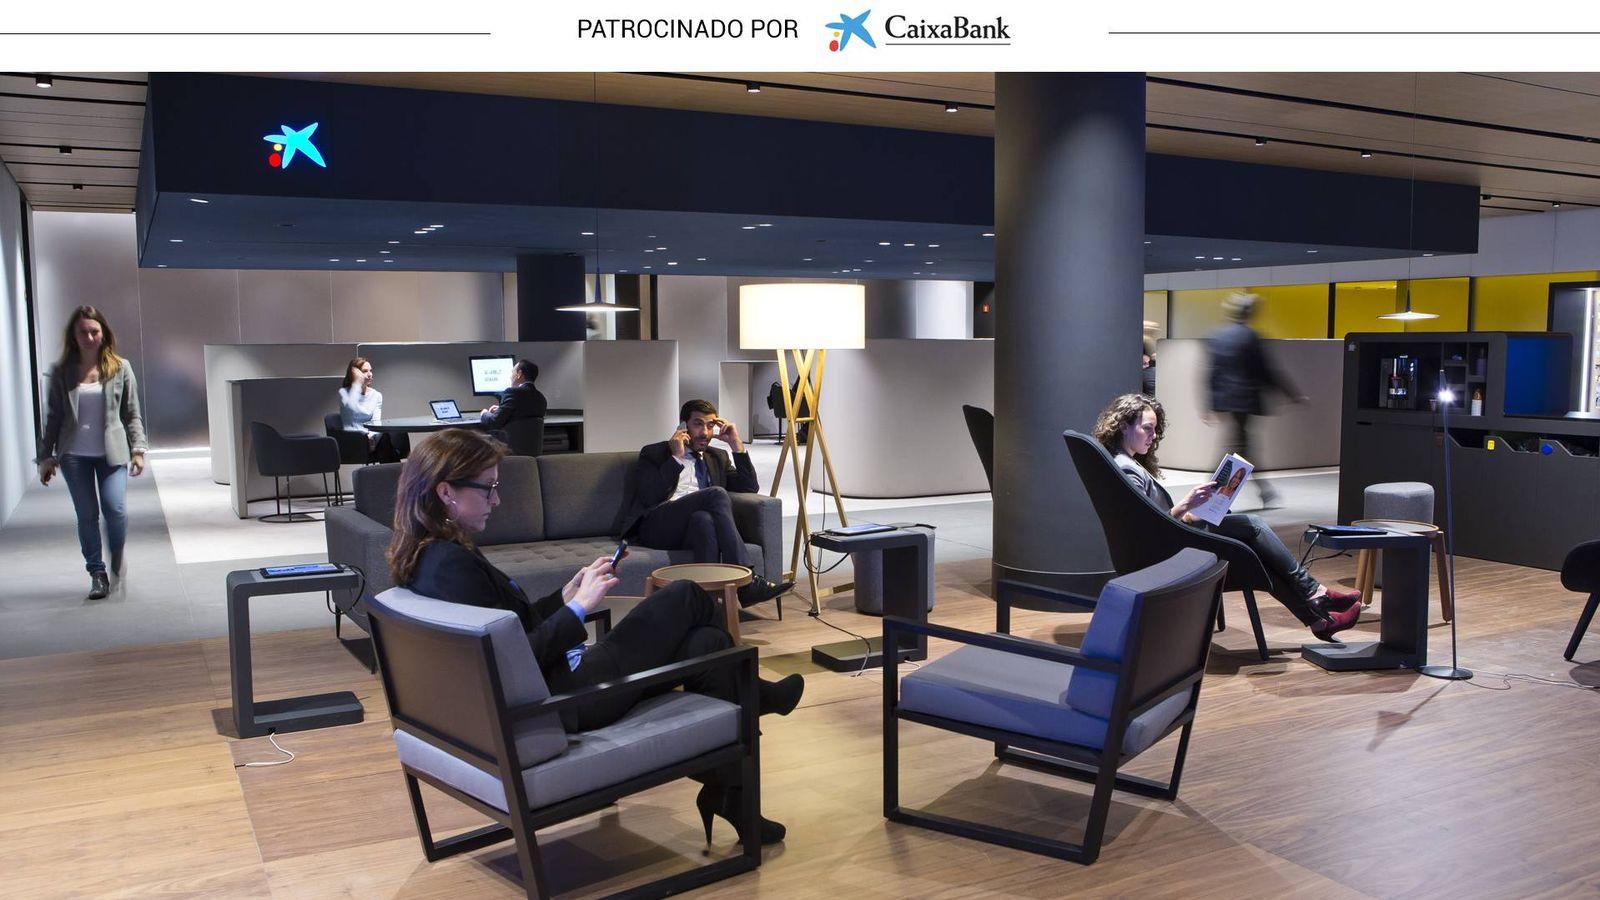 Tecnolog a y espacios abiertos las oficinas bancarias del for Oficinas de caixabank